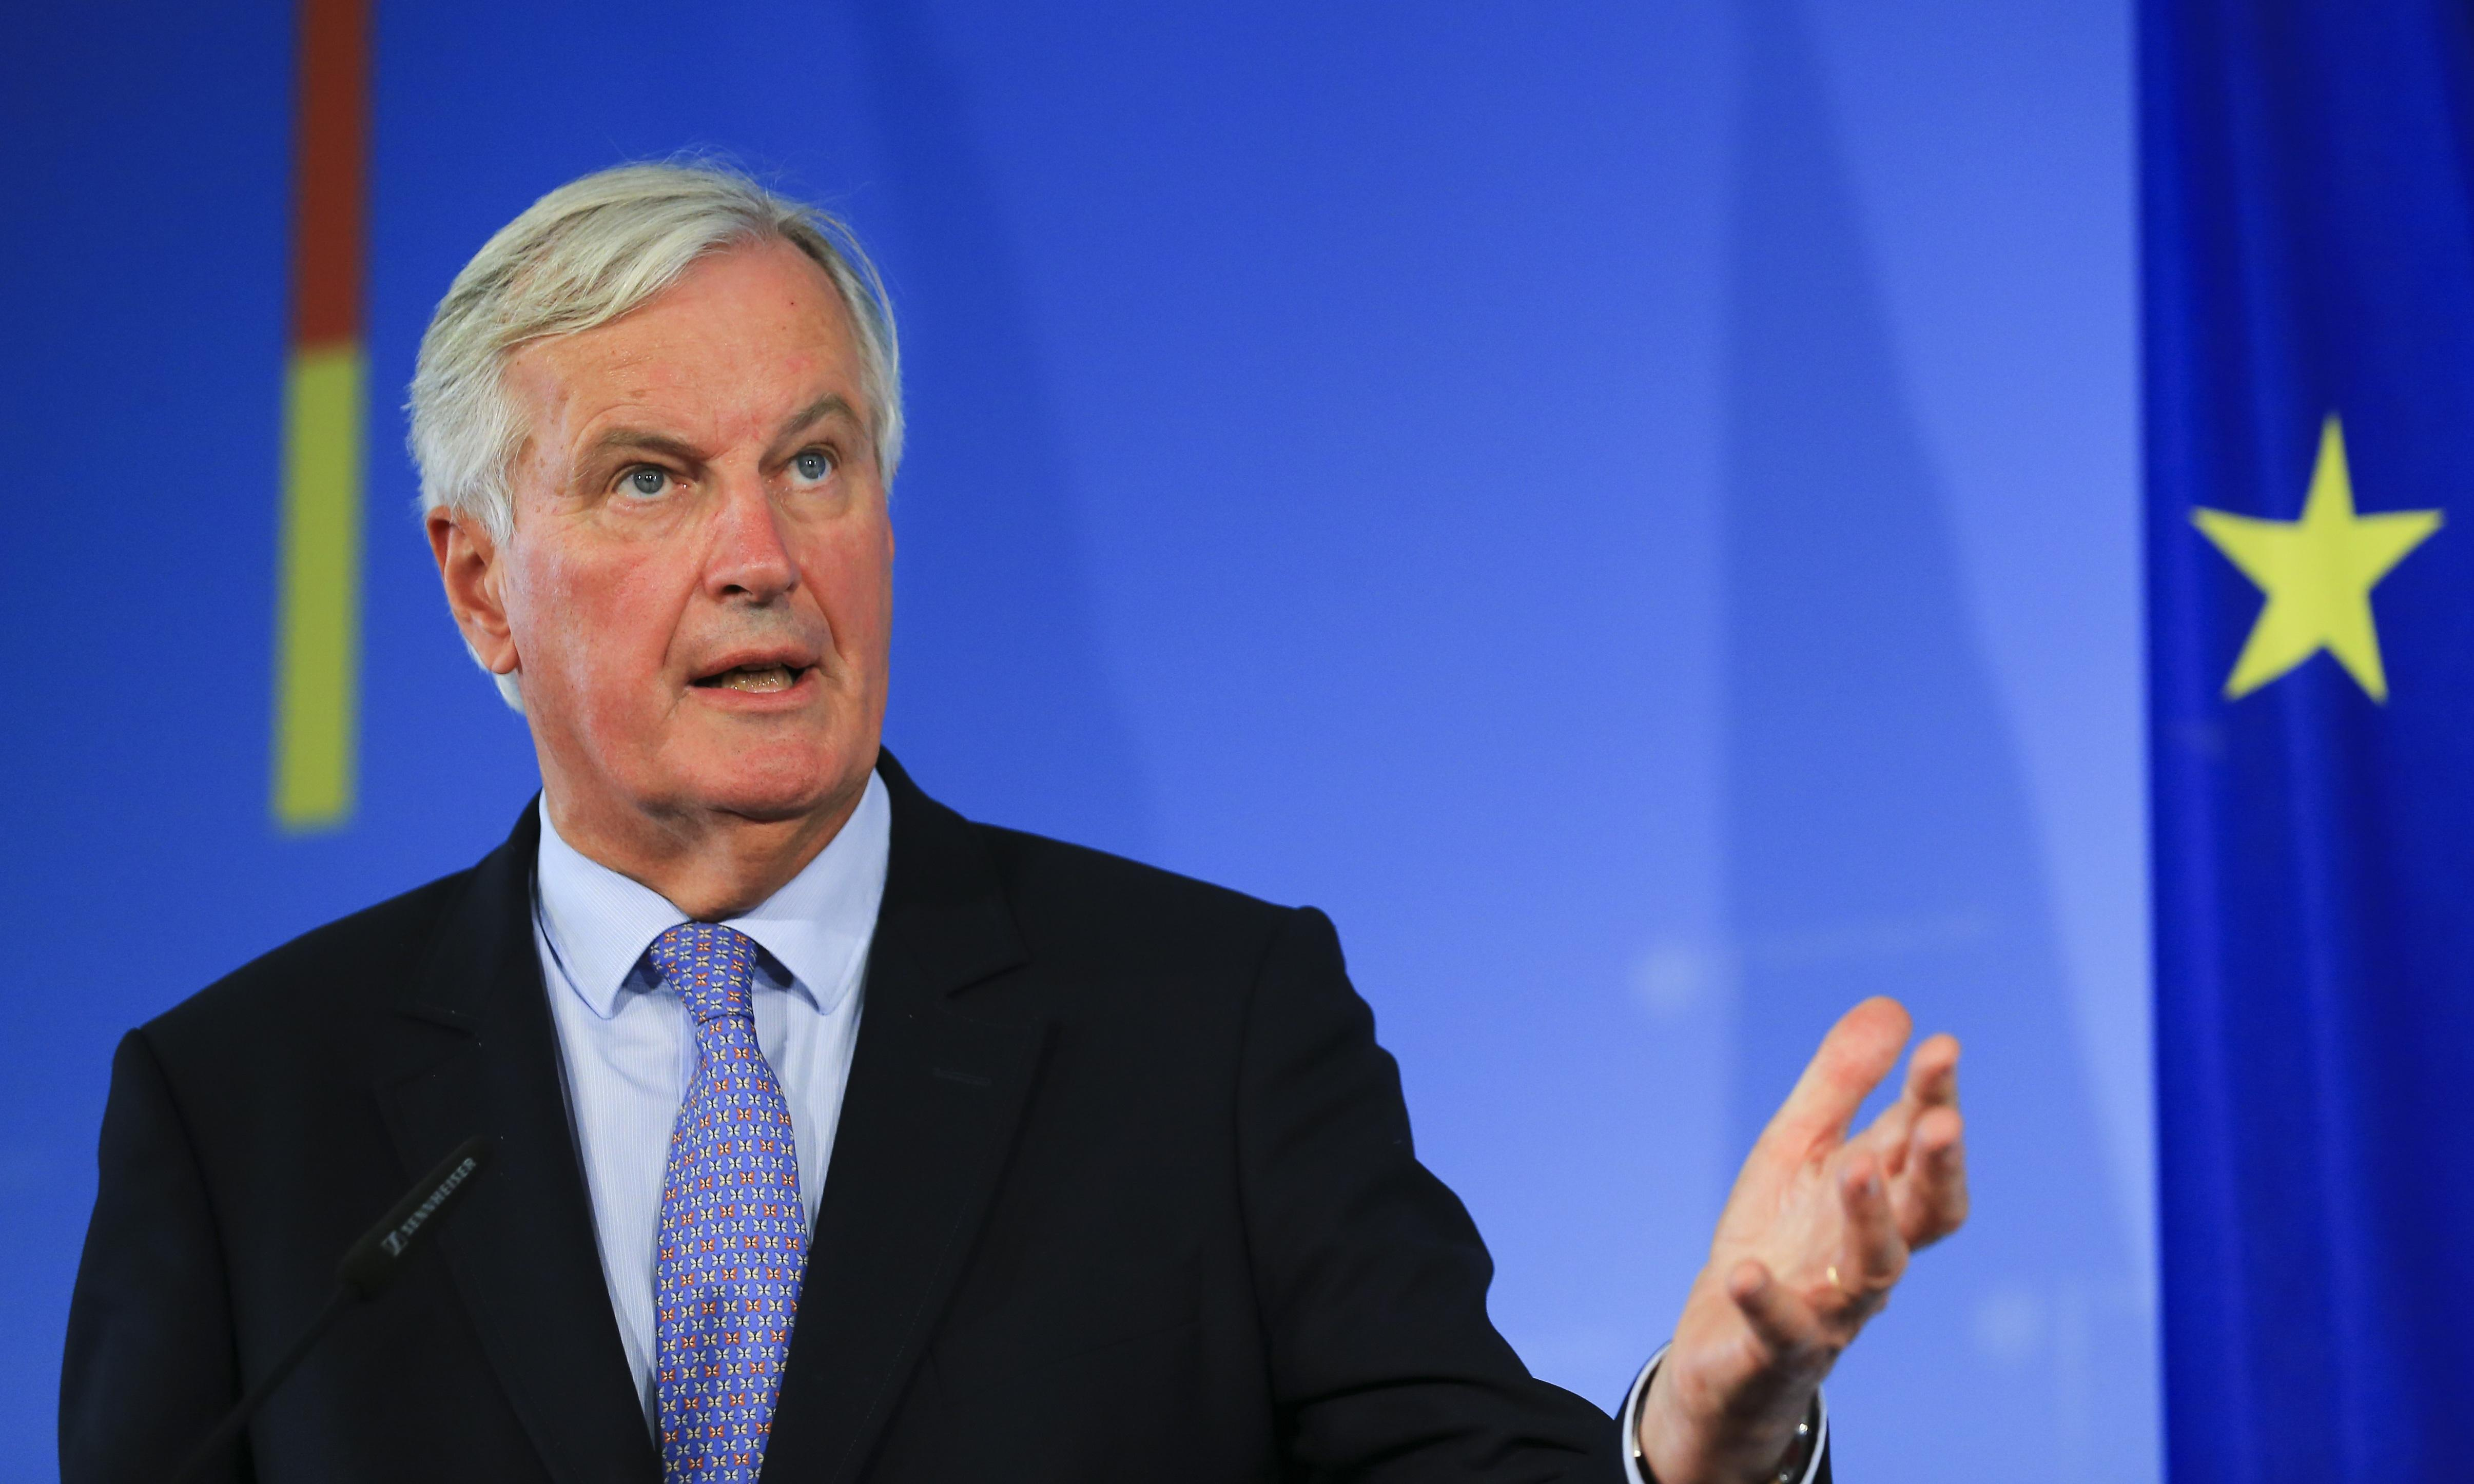 EU's chief negotiator calls Johnson's backstop solution 'unacceptable'